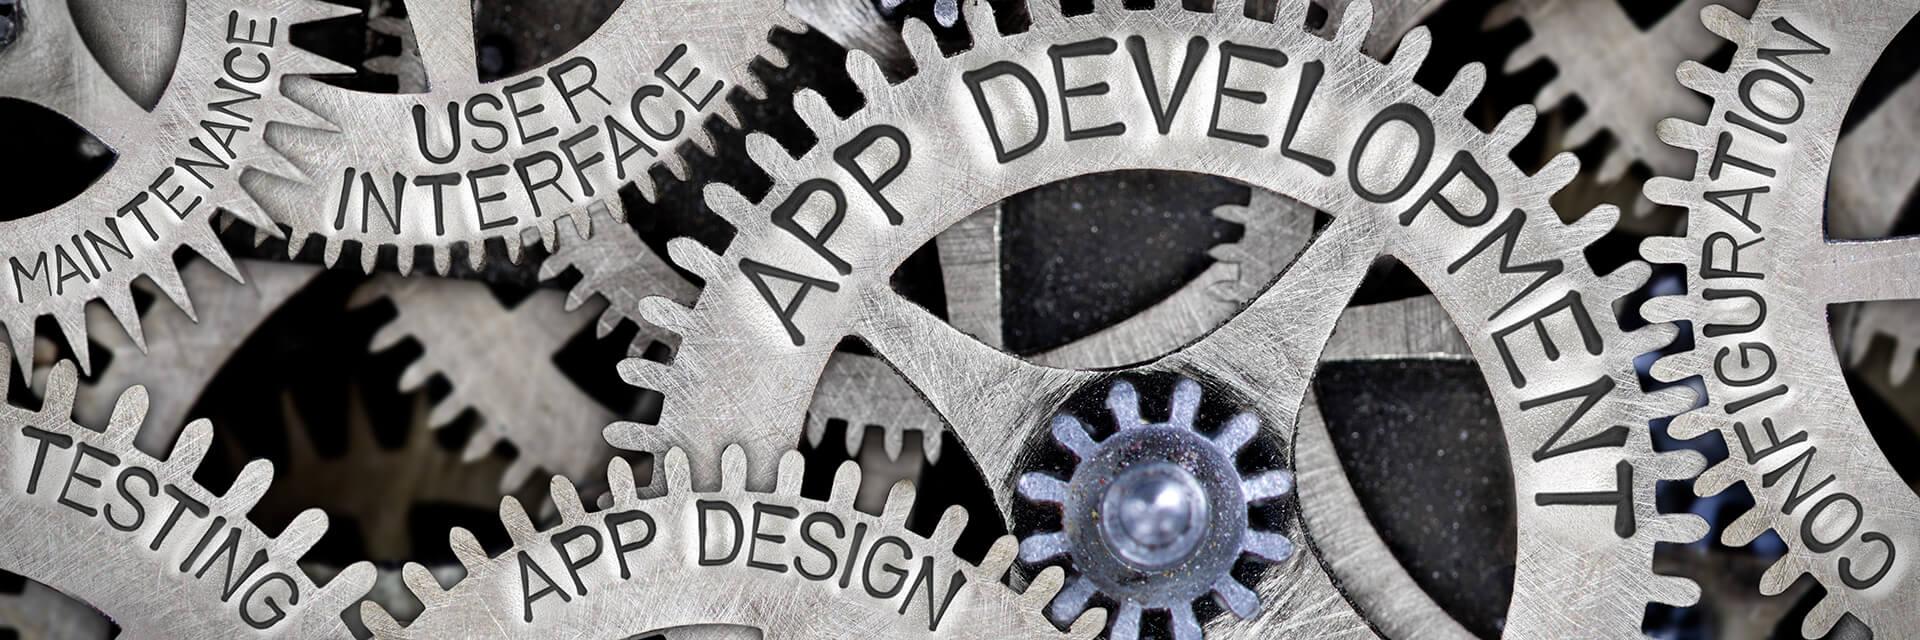 App Agentur Entwicklung Testing